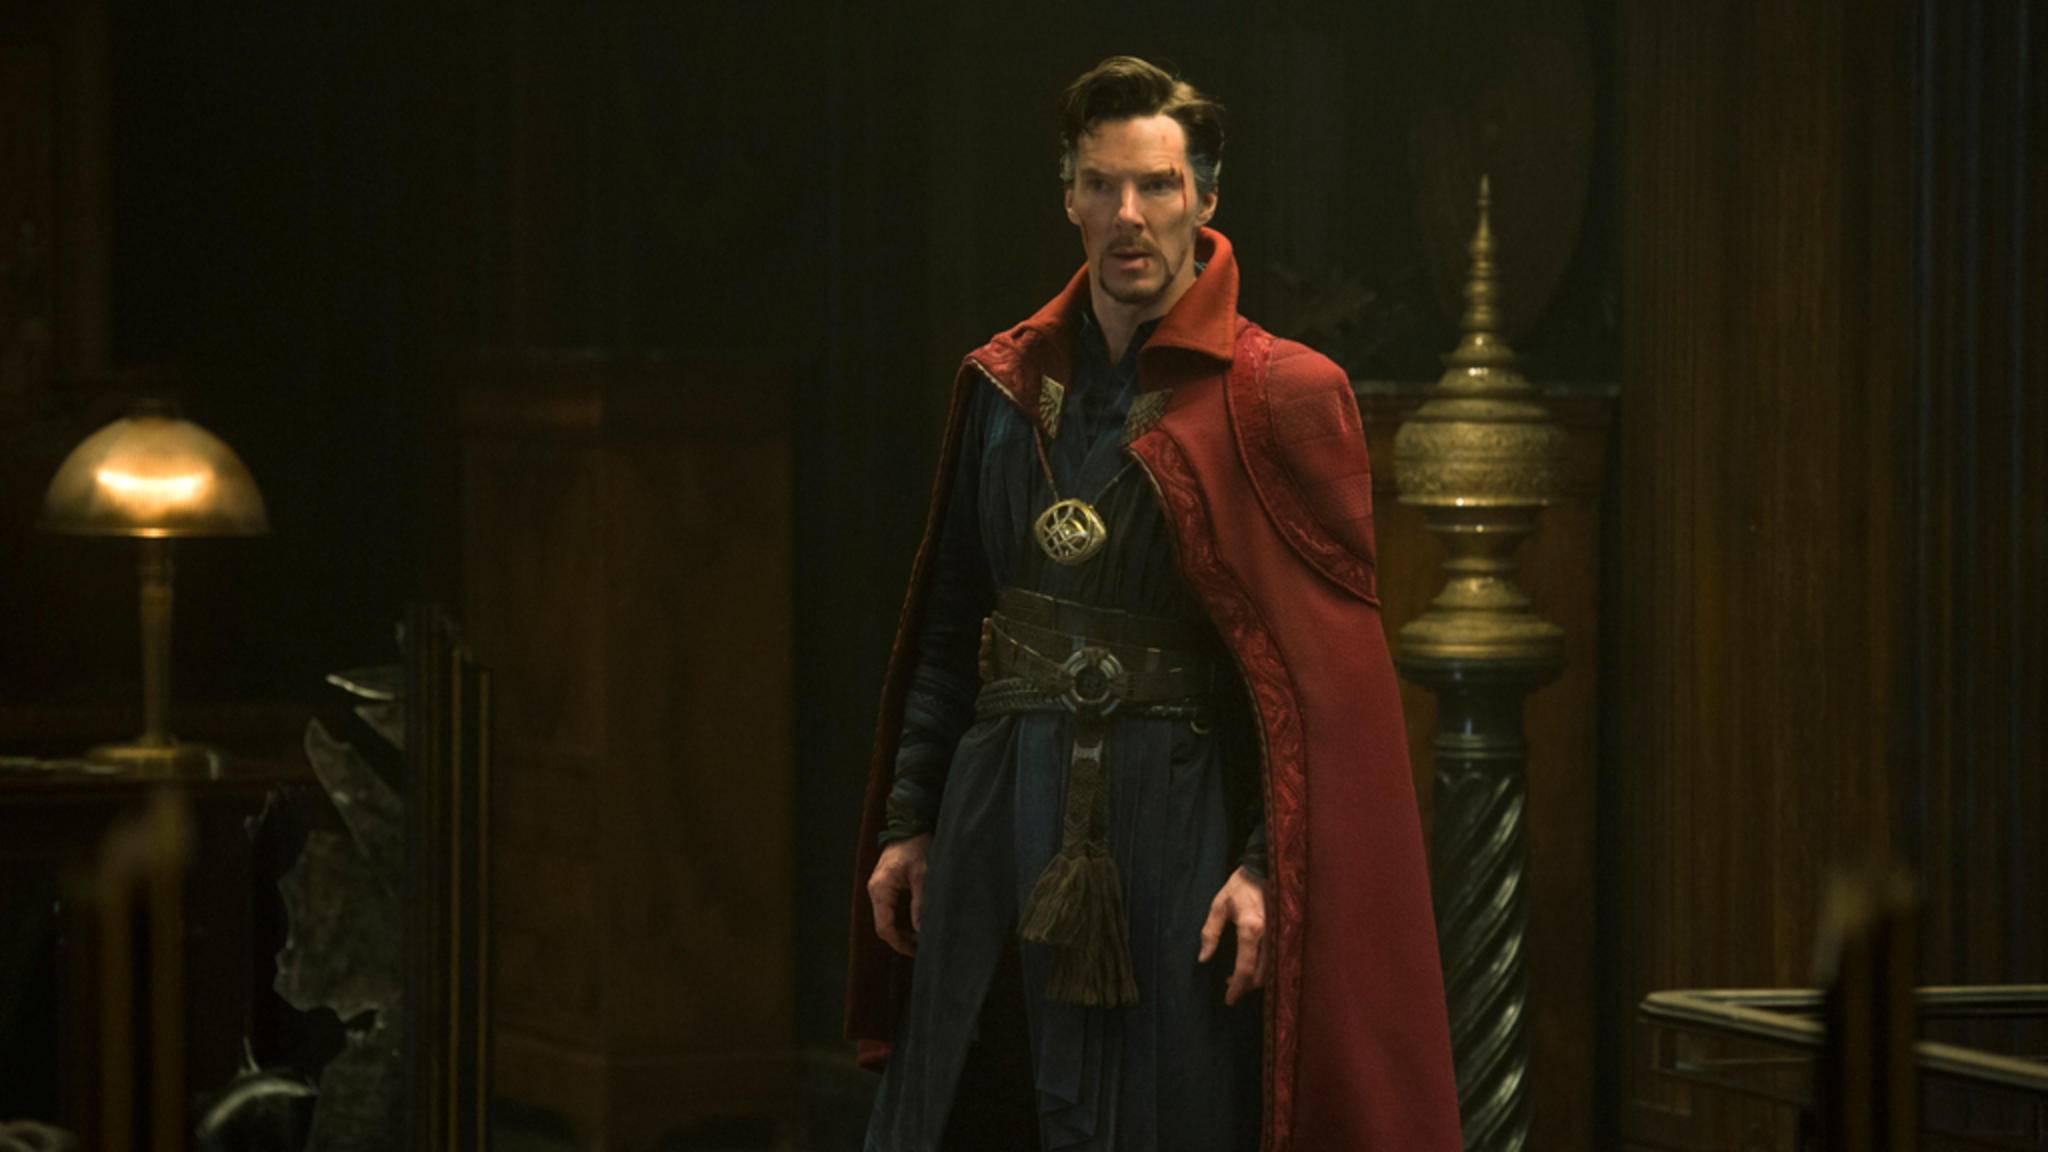 Unter dem roten Umhang verbirgt sich ein durchtrainierter Benedict Cumberbatch.